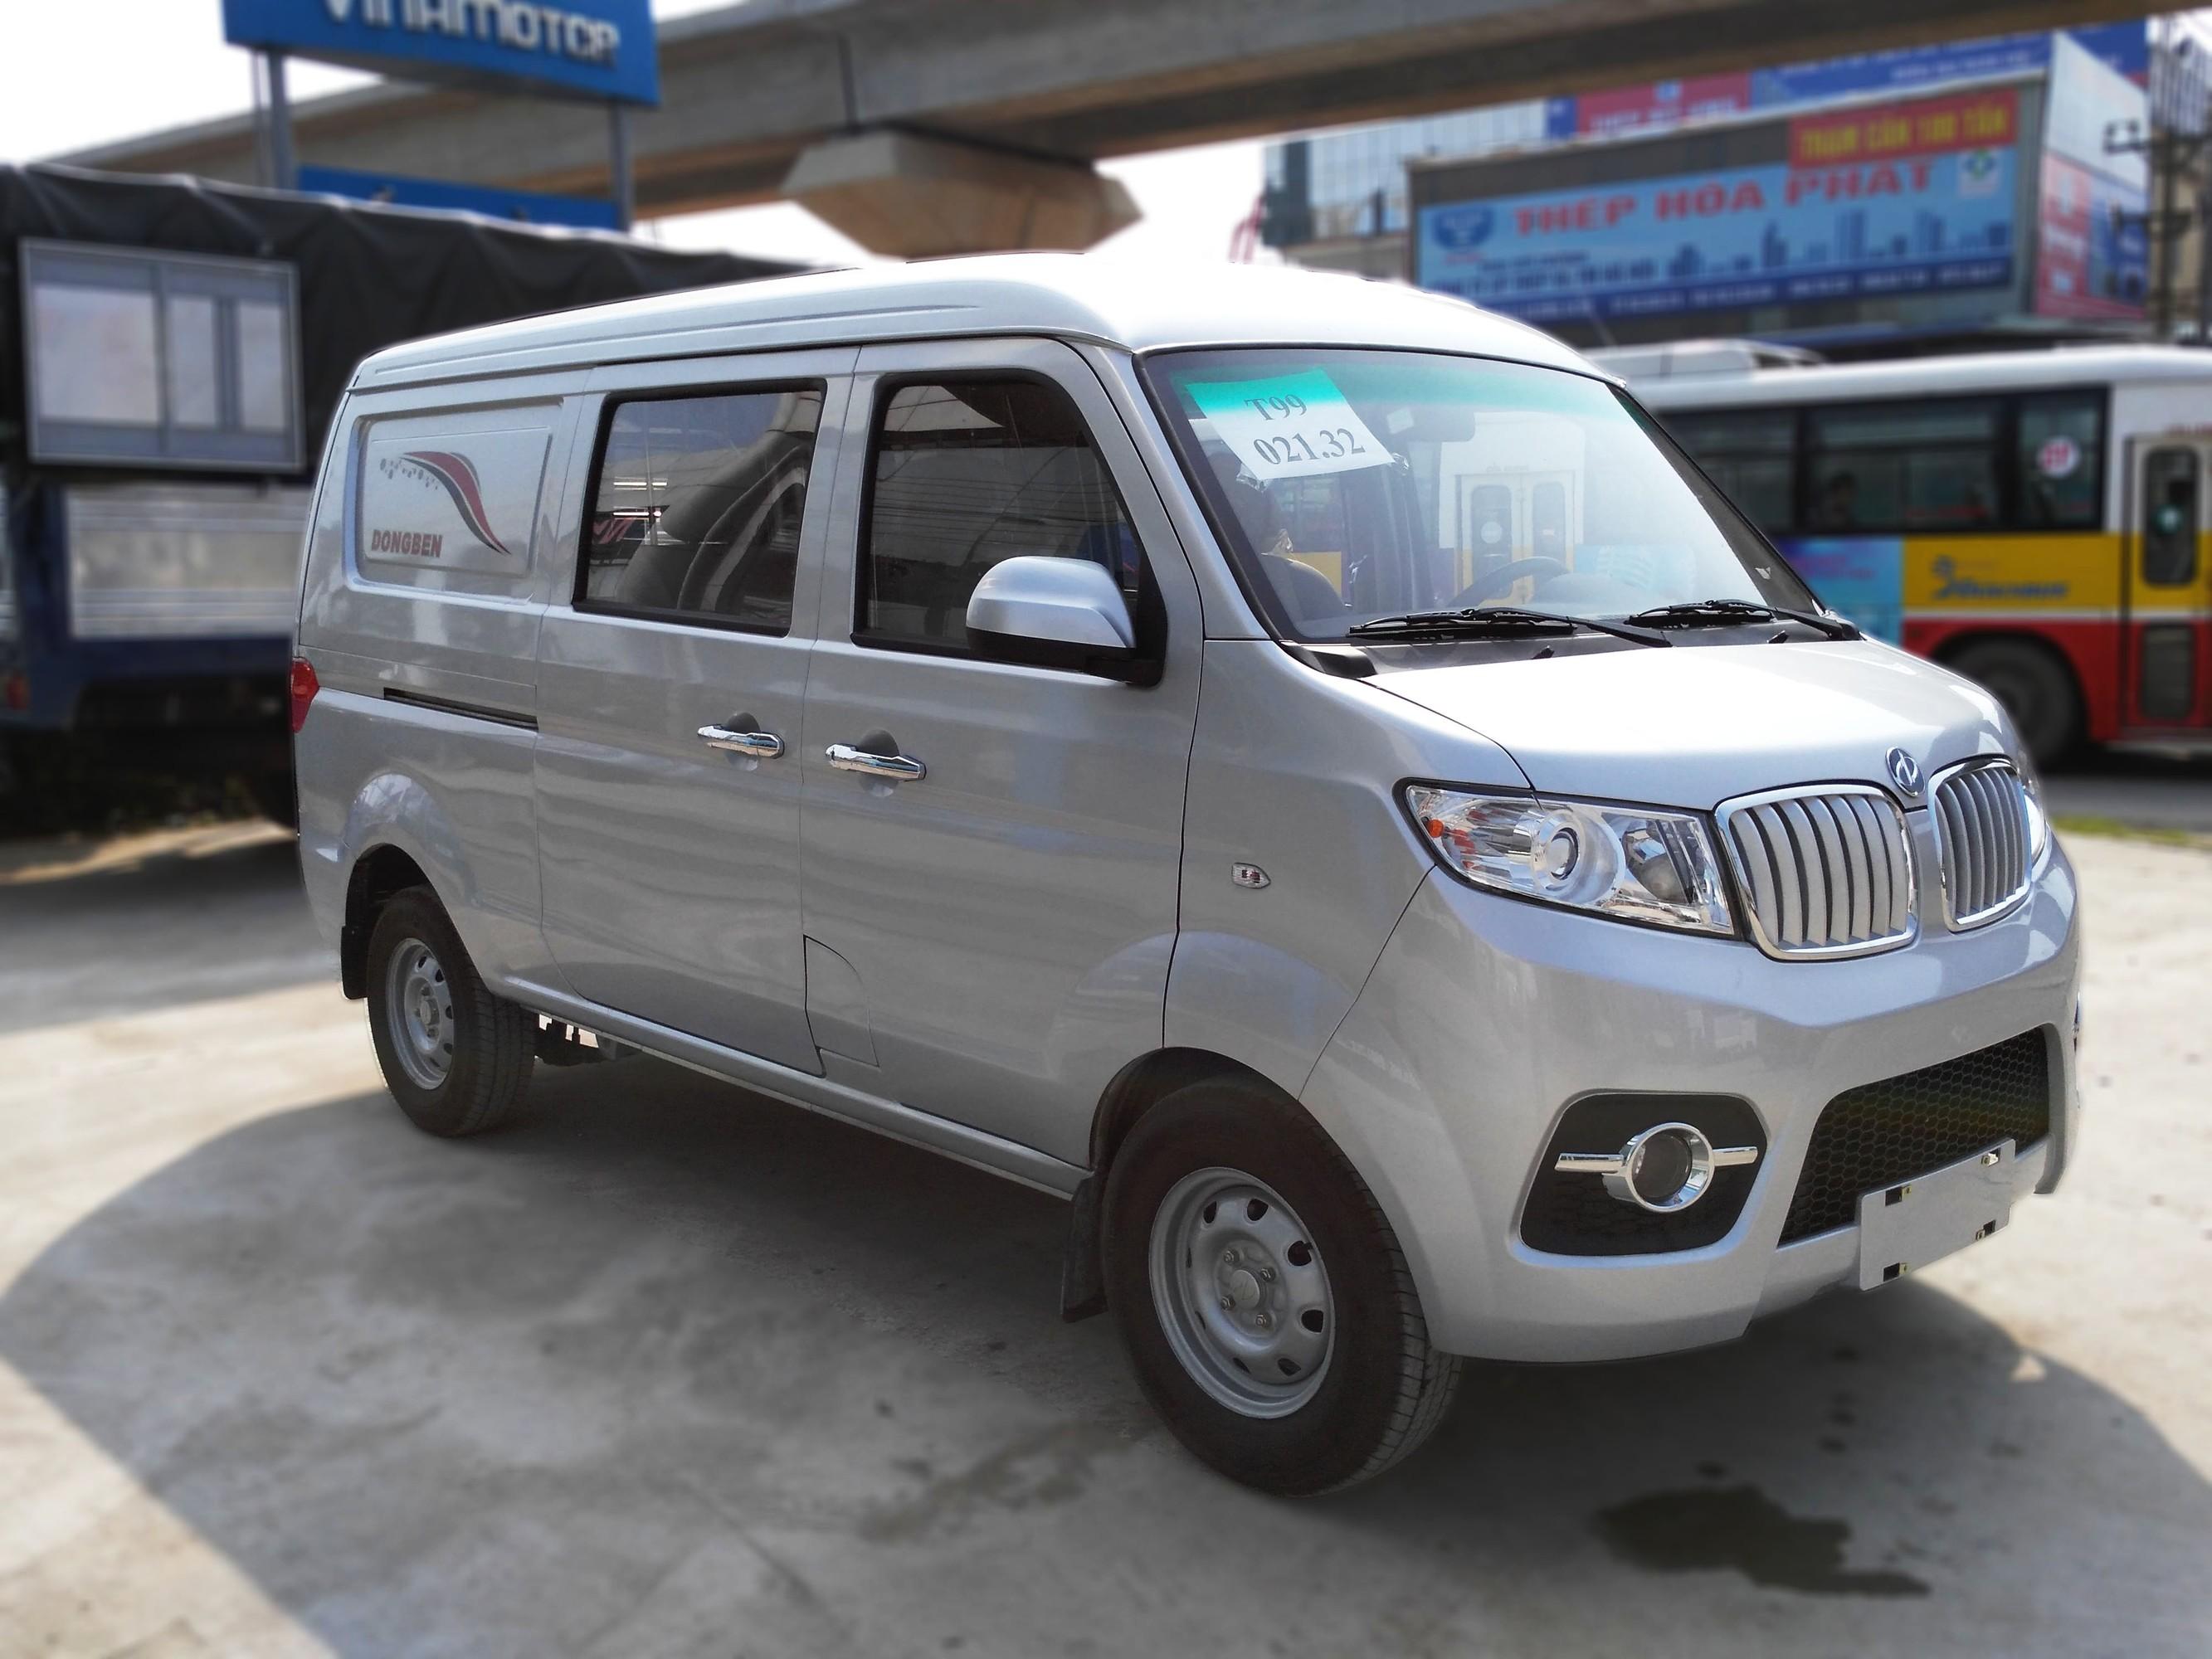 Xe bán tải Dongben X30 2 ghế, tải trọng 1 tấn, máy 1300cc, nội ngoại thất trẻ trung bắt mắt. Ảnh số 40558961